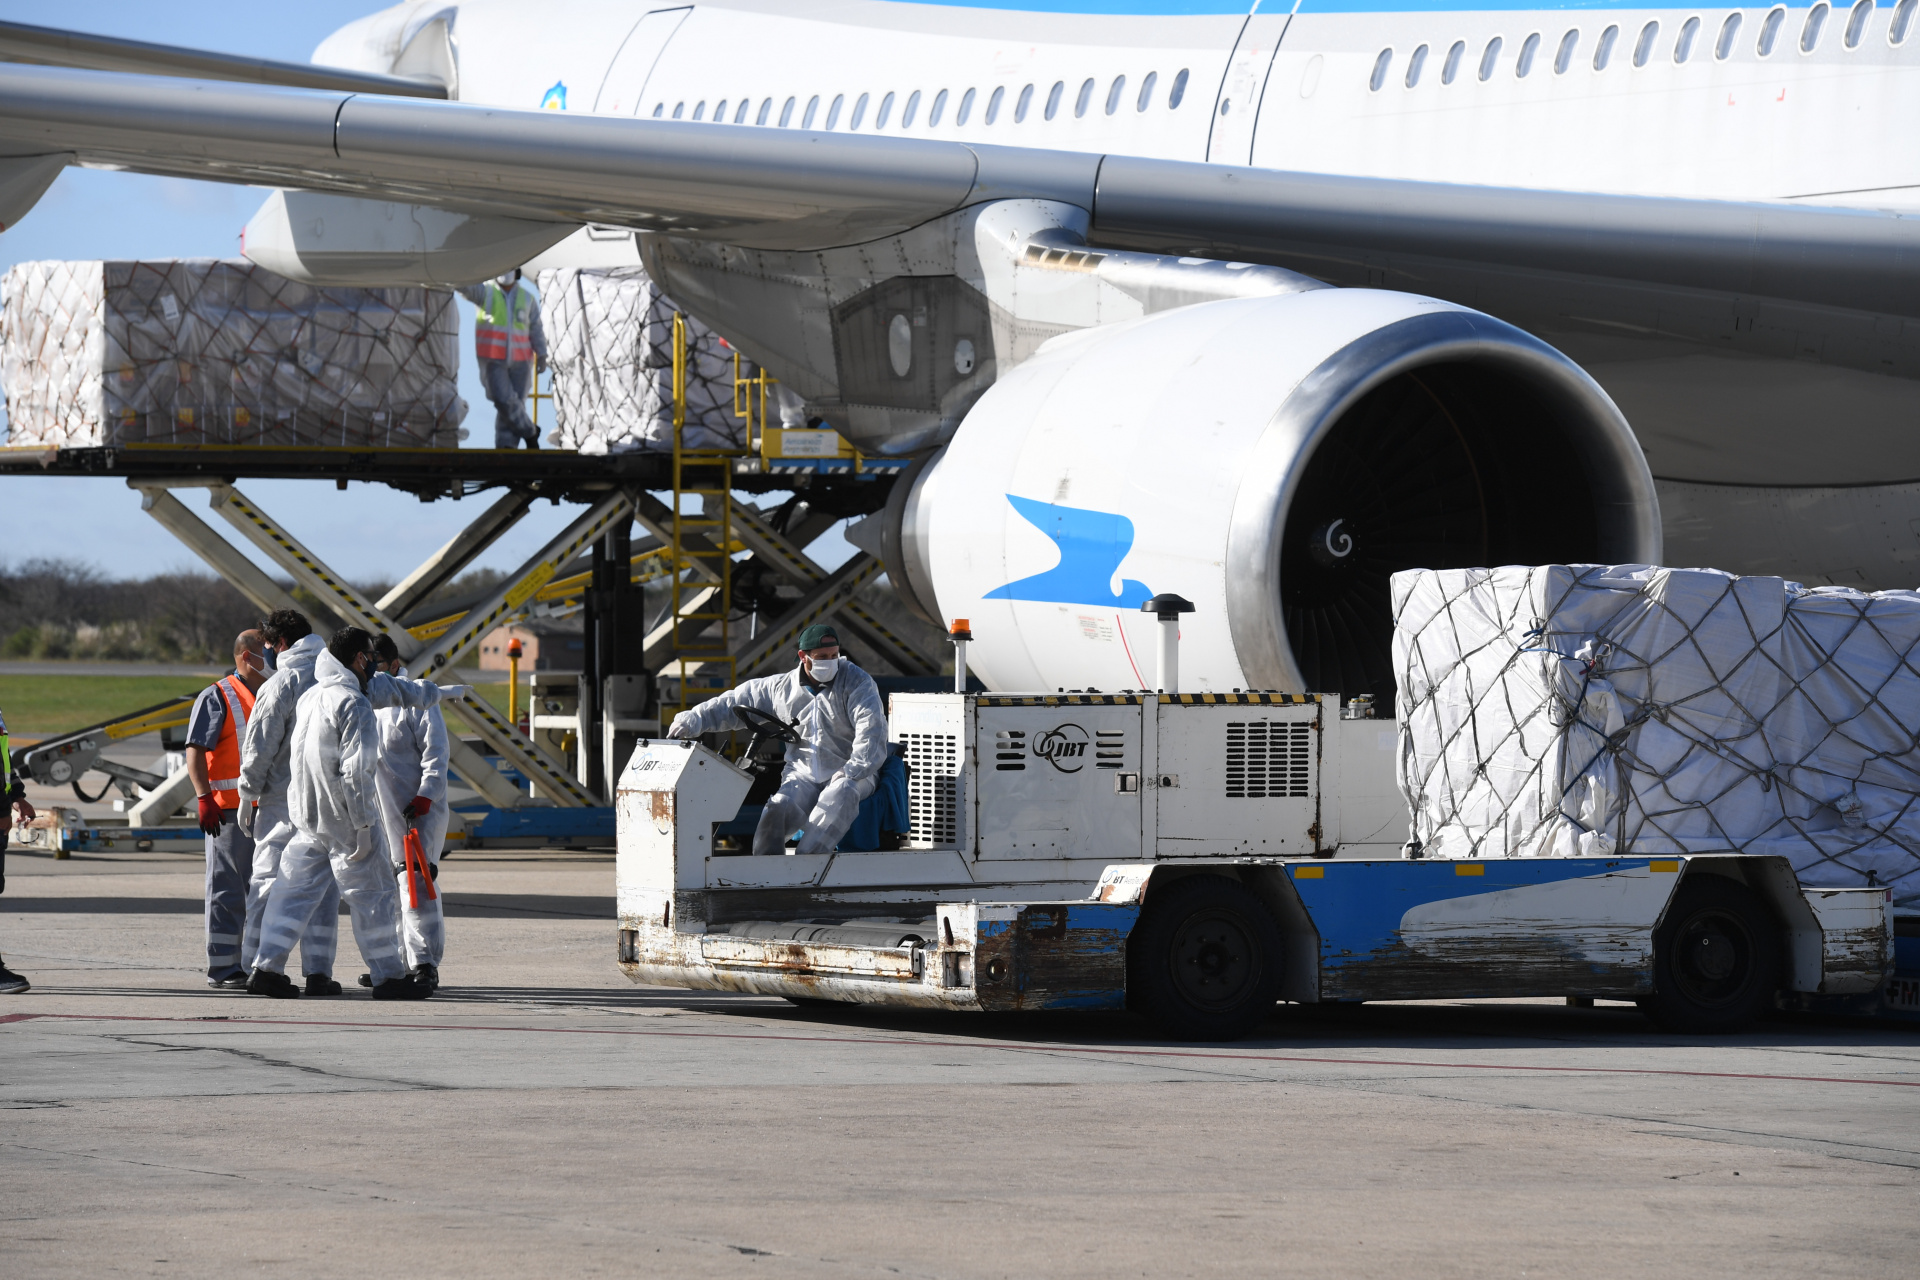 Aeropuertos Argentina 2000 dispuso un espacio de 860 metros cuadrados a disposición de Cruz Roja Argentina dentro del predio de la Unidad de Negocios Terminal de Cargas Argentina (TCA), en Ezeiza, con el objetivo de facilitar el almacenaje de insumos médicos importados